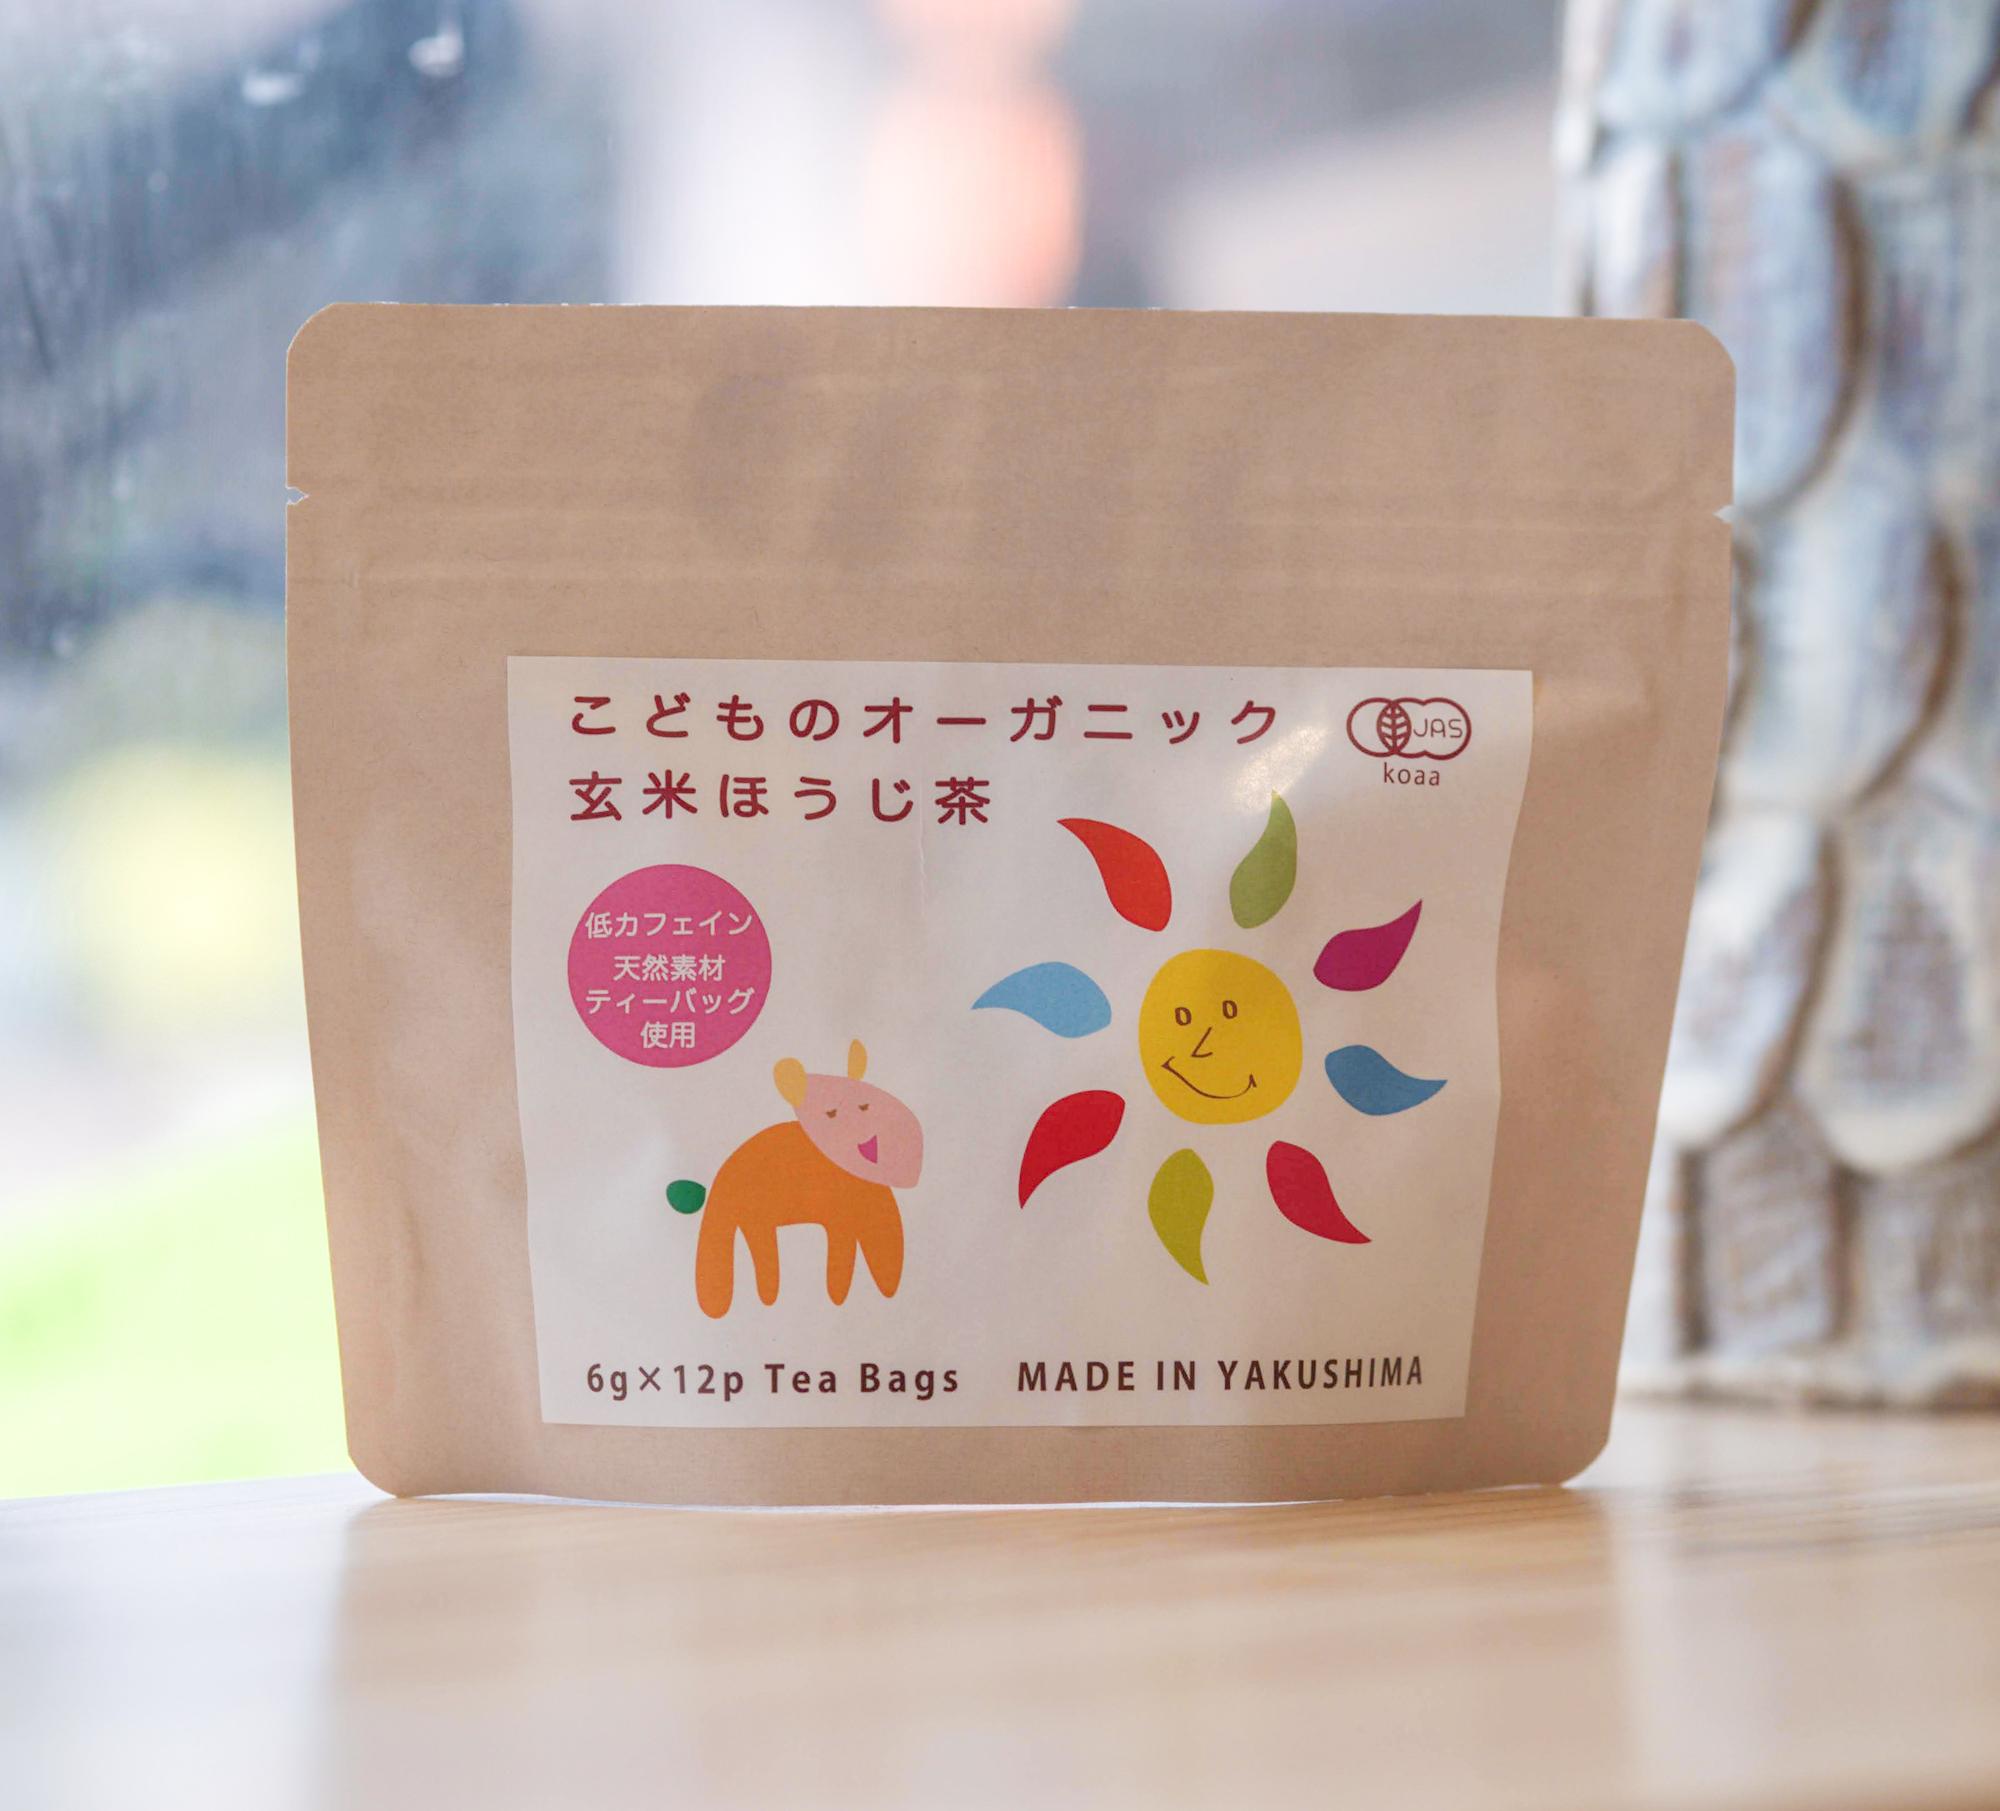 鹿児島県・屋久島『こどものオーガニック玄米ほうじ茶』